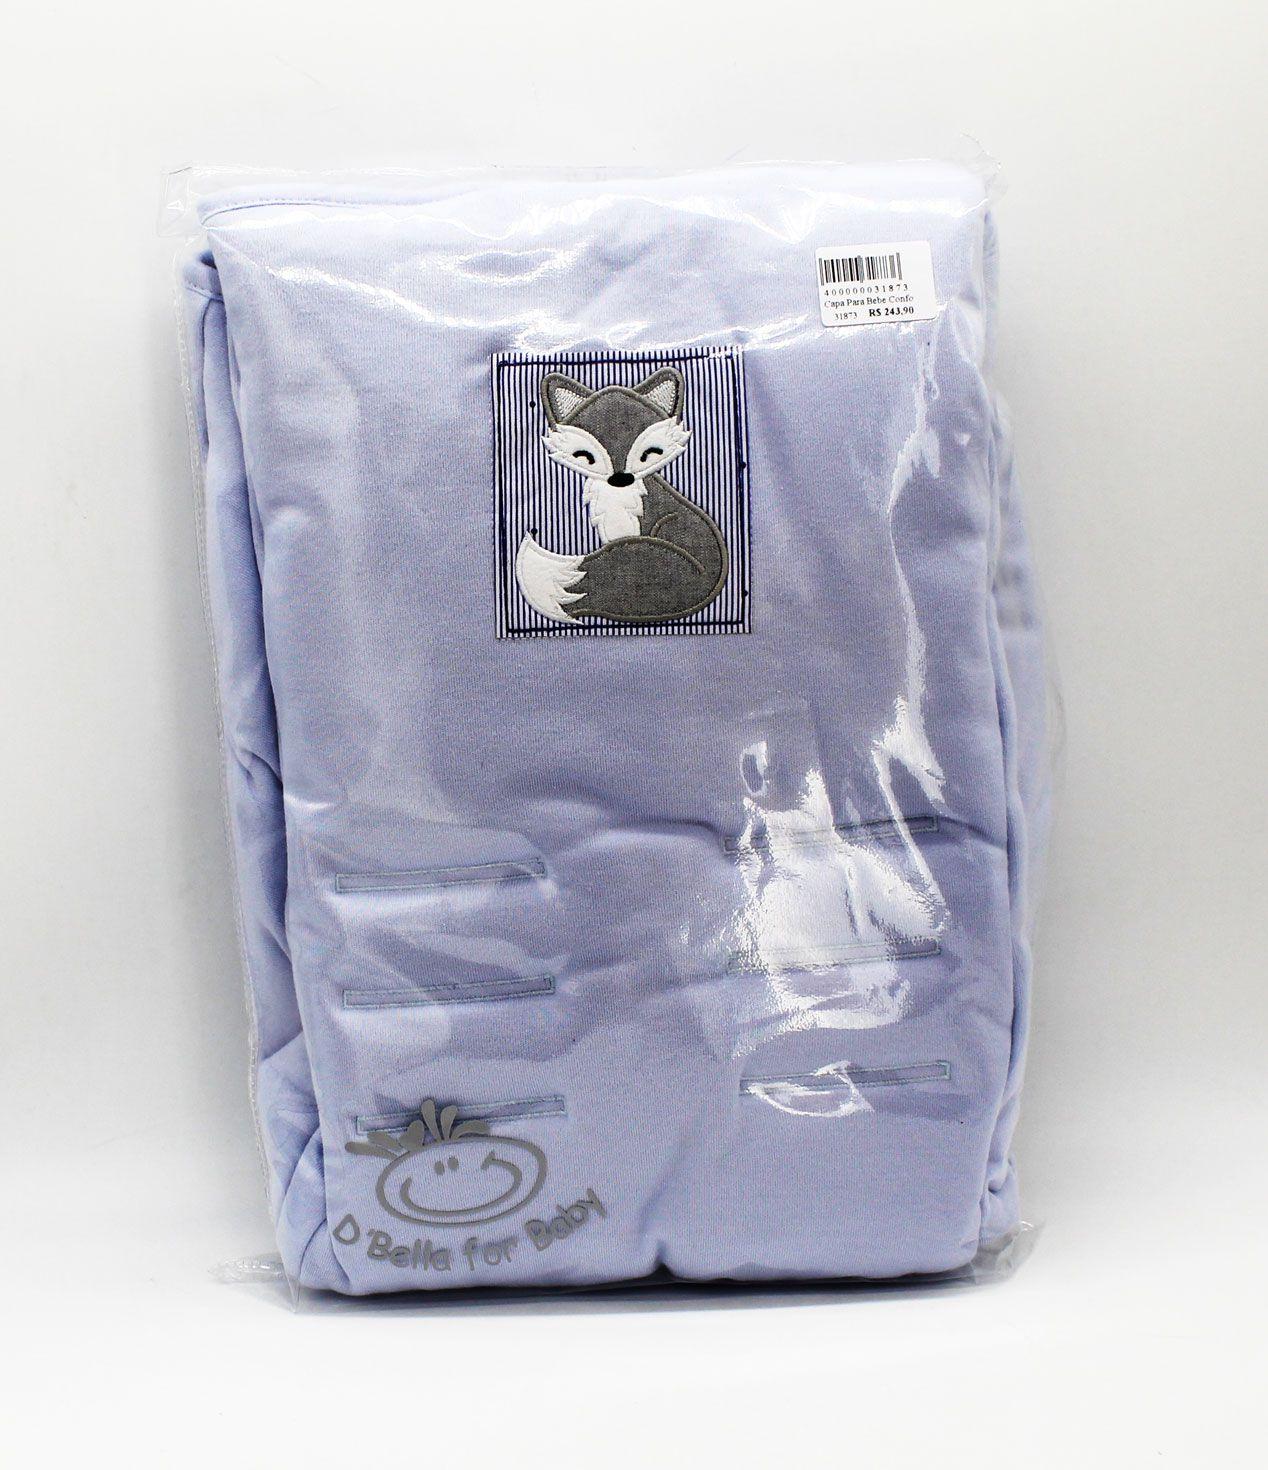 Capa Para Bebe Conforto Azul Raposa - D Bella Ref 02449 001 U